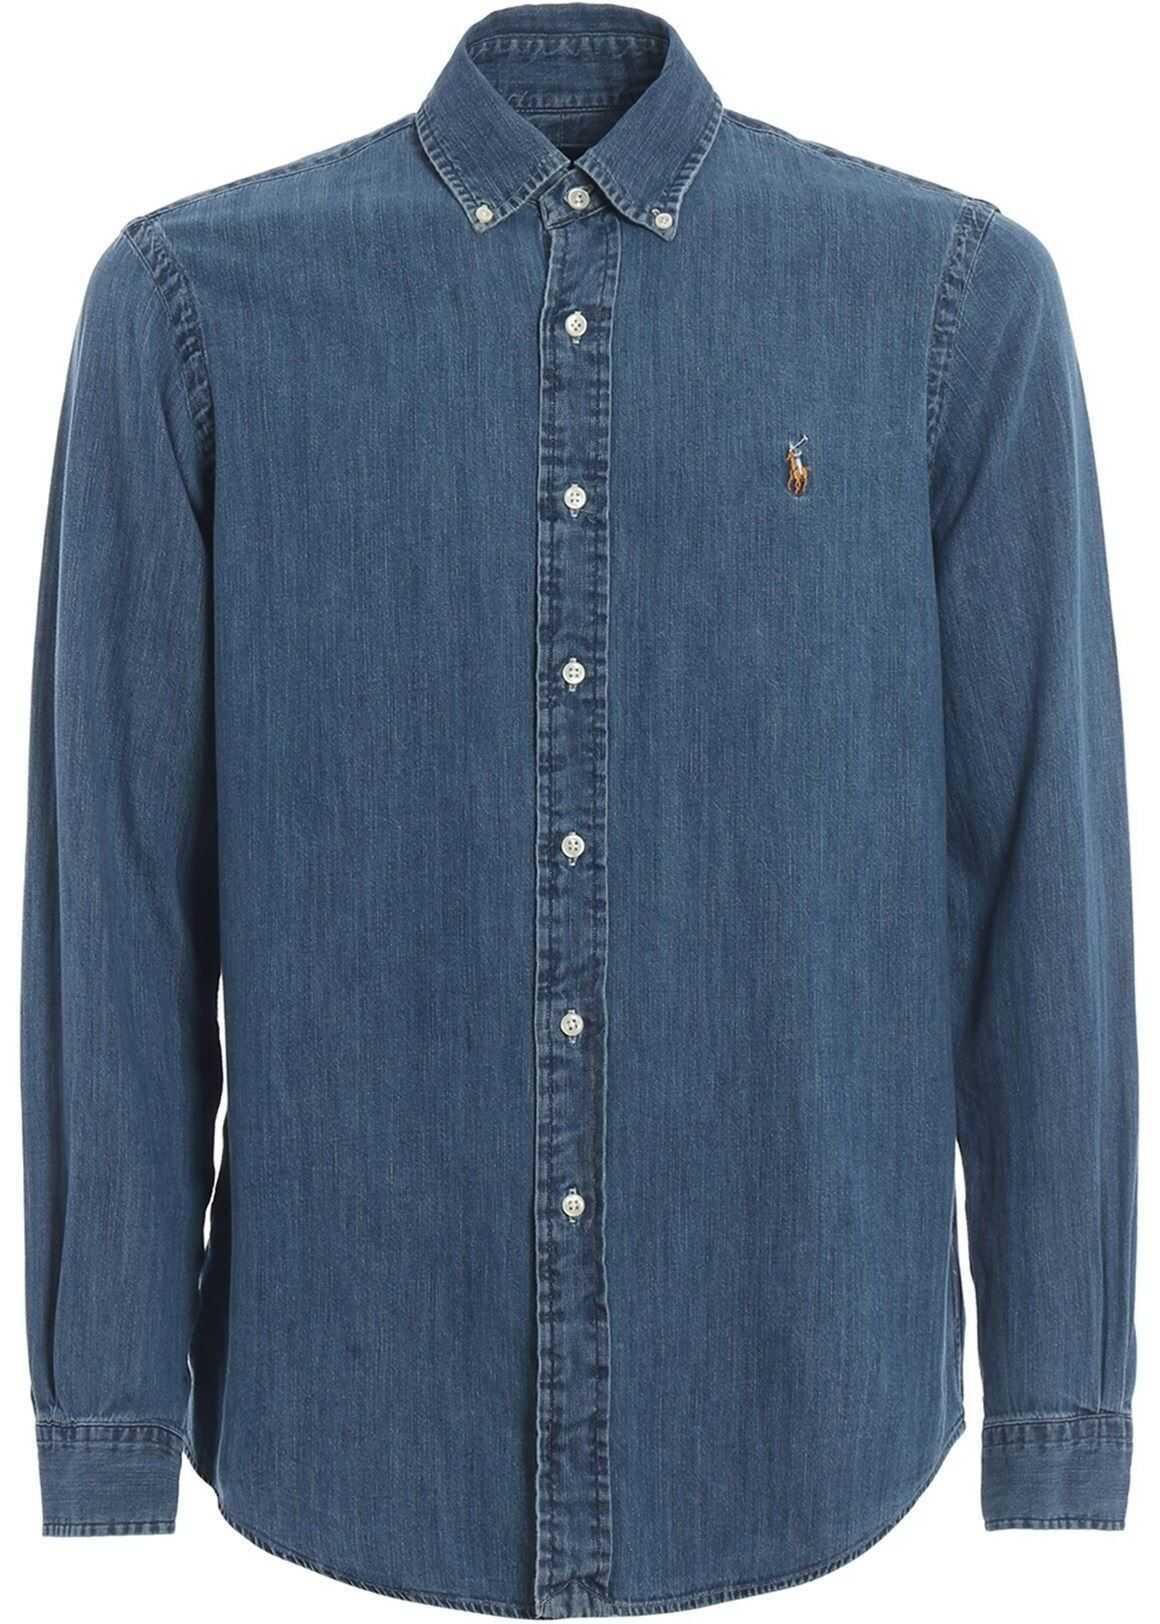 Ralph Lauren Cotton Denim B/D Shirt Blue imagine